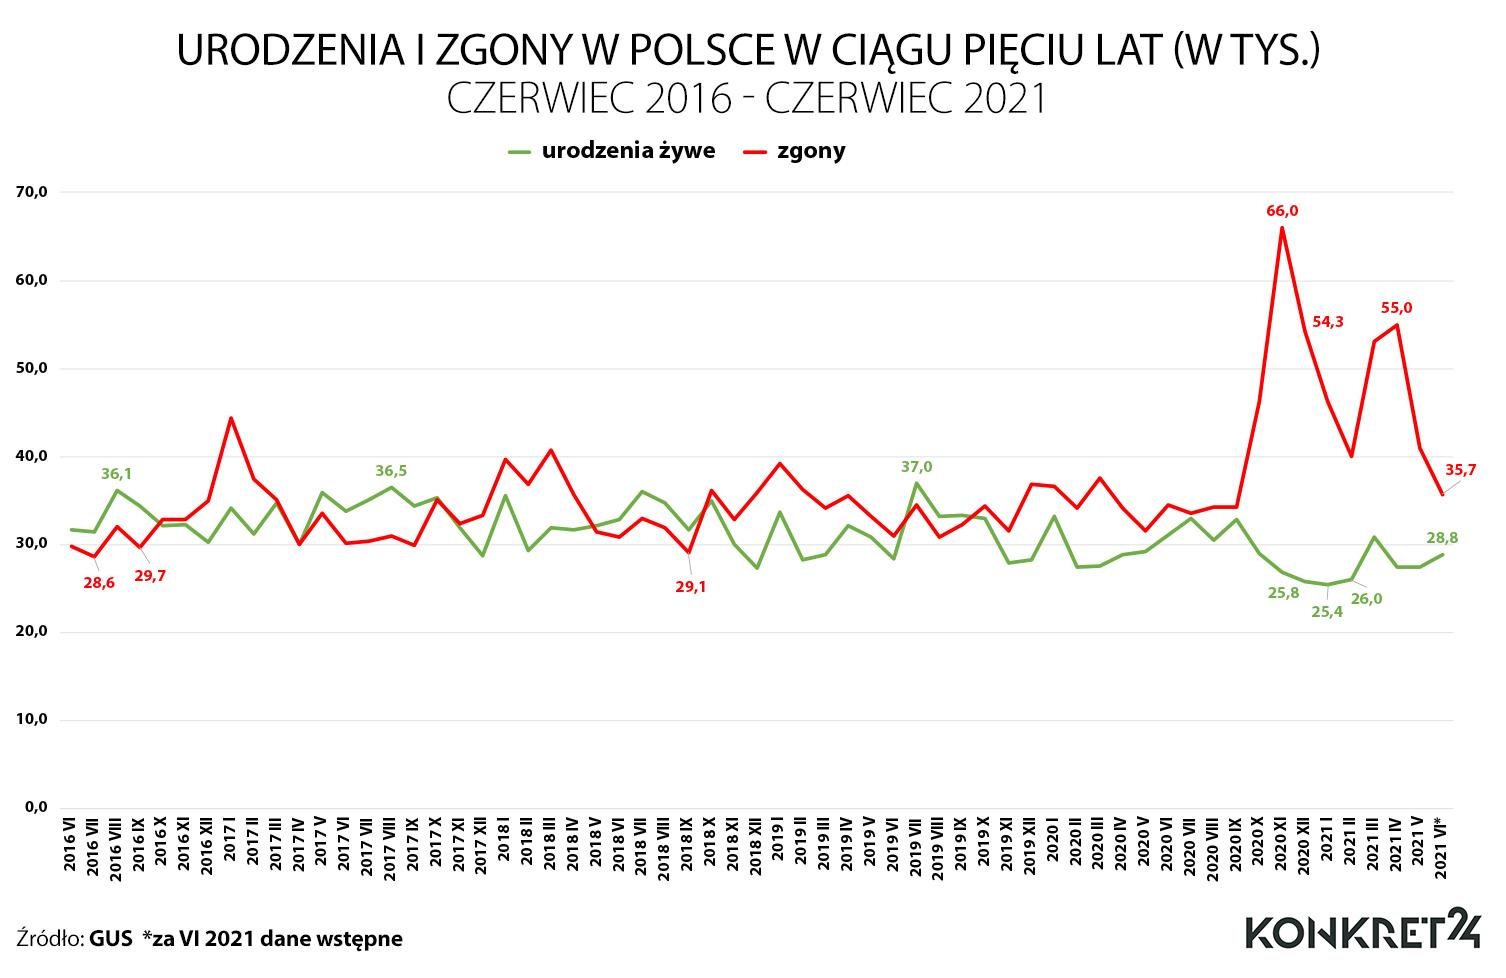 Urodzenia i zgony W Polsce w okresie czerwiec 2016 - czerwiec 2021